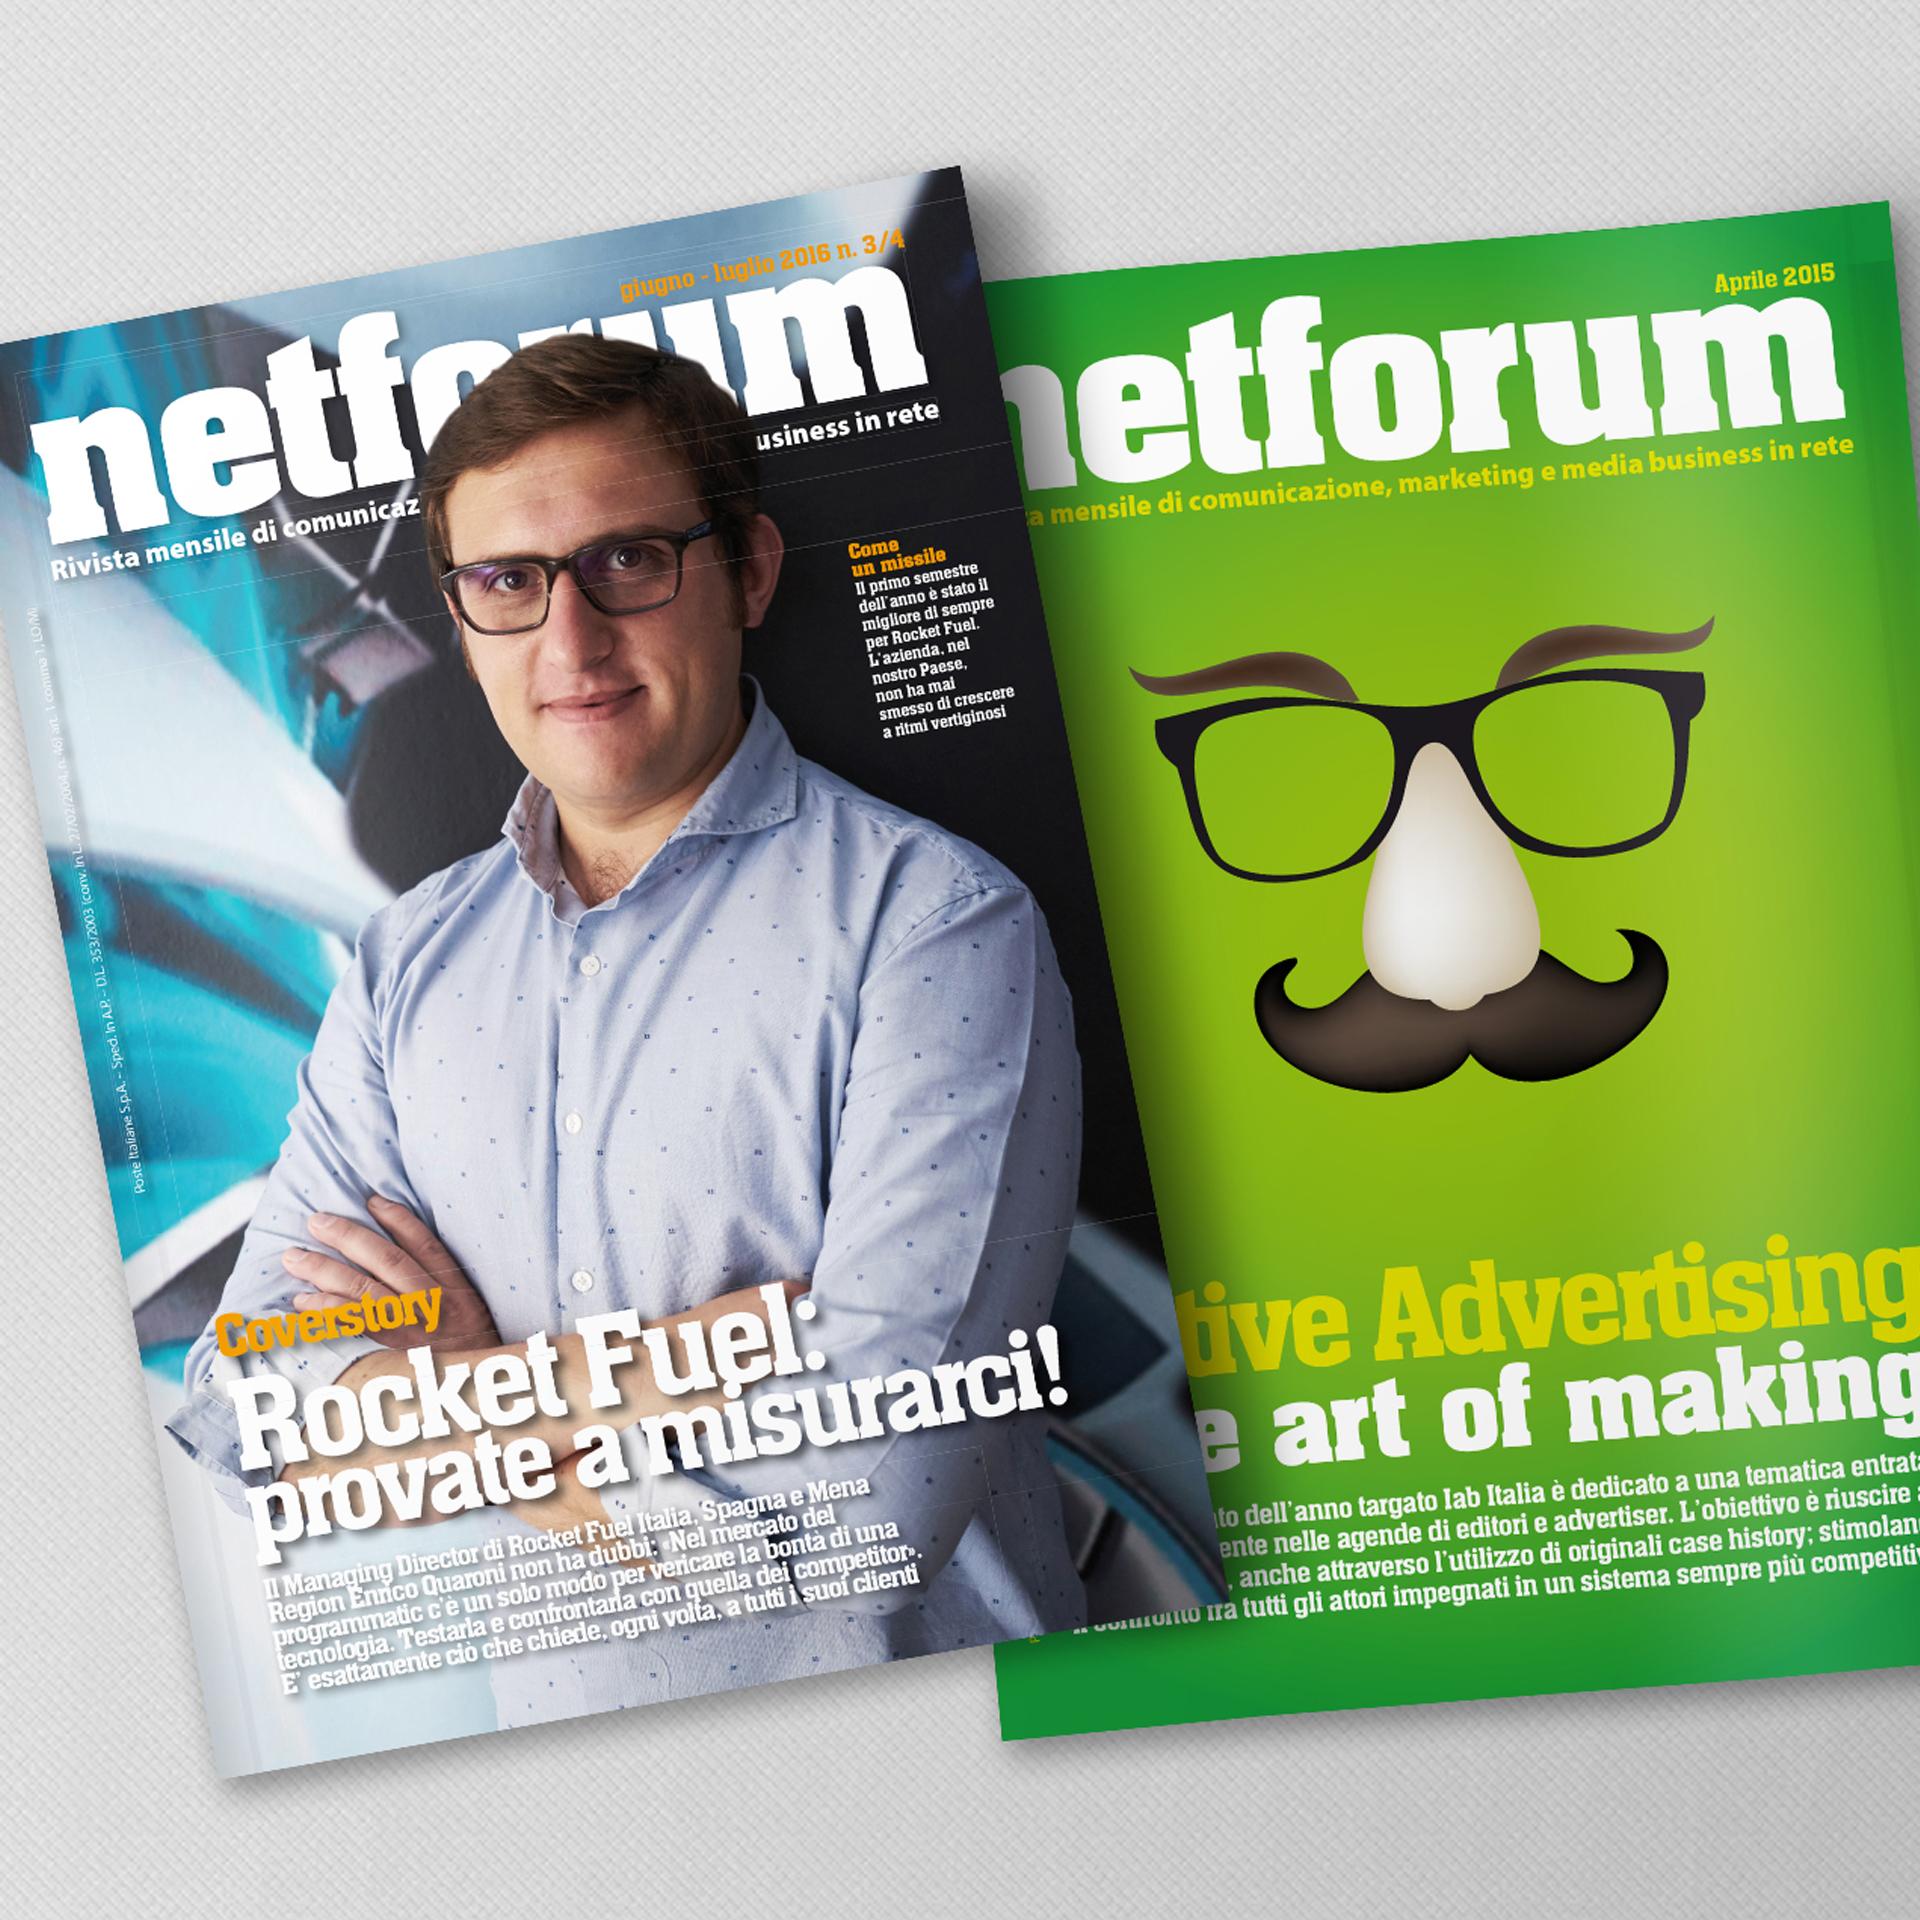 Netforum